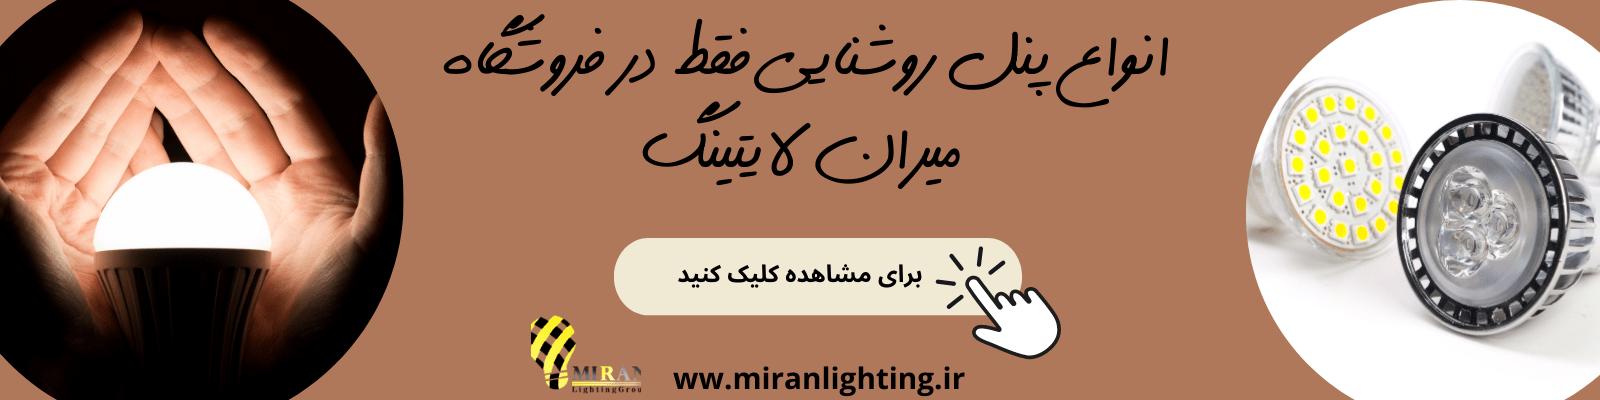 انواع لامپ ادیسونی فقط در فروشگاه میران لایتینگ (4)-min